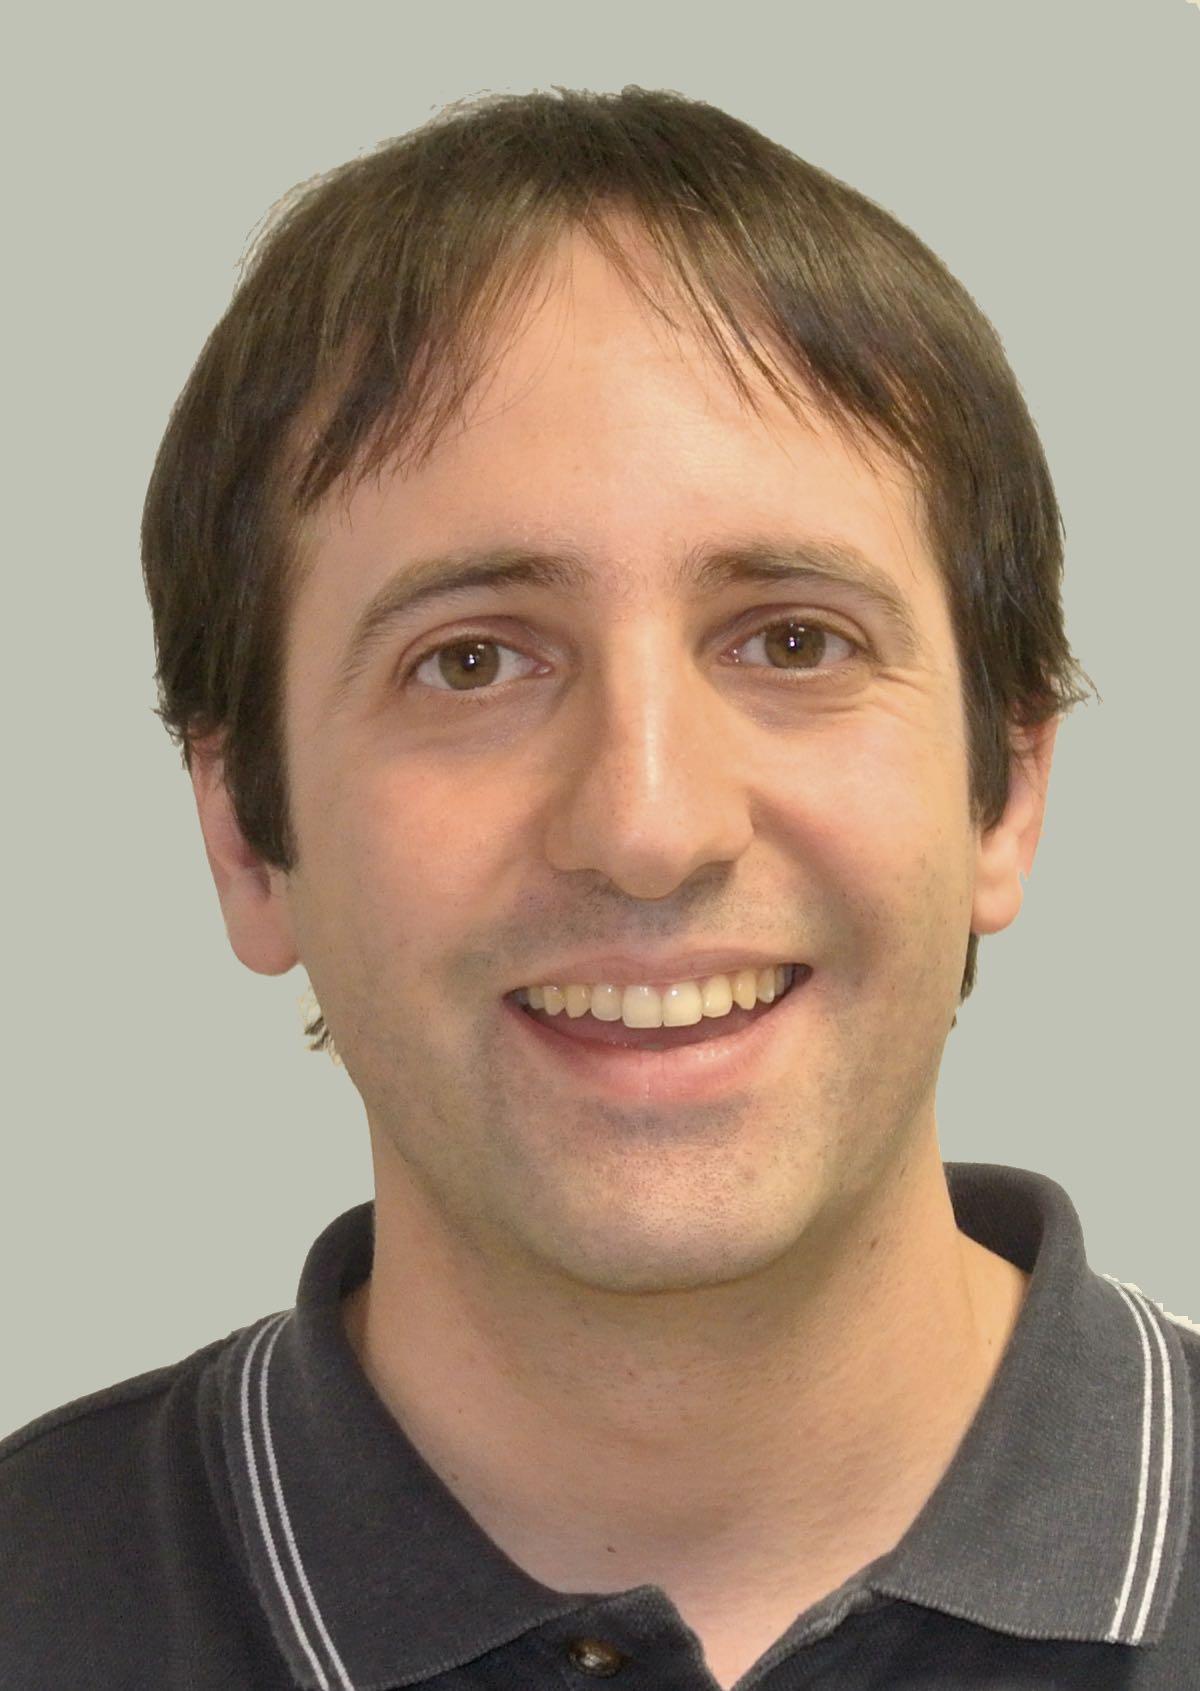 photo of Javier Mora de Sambricio